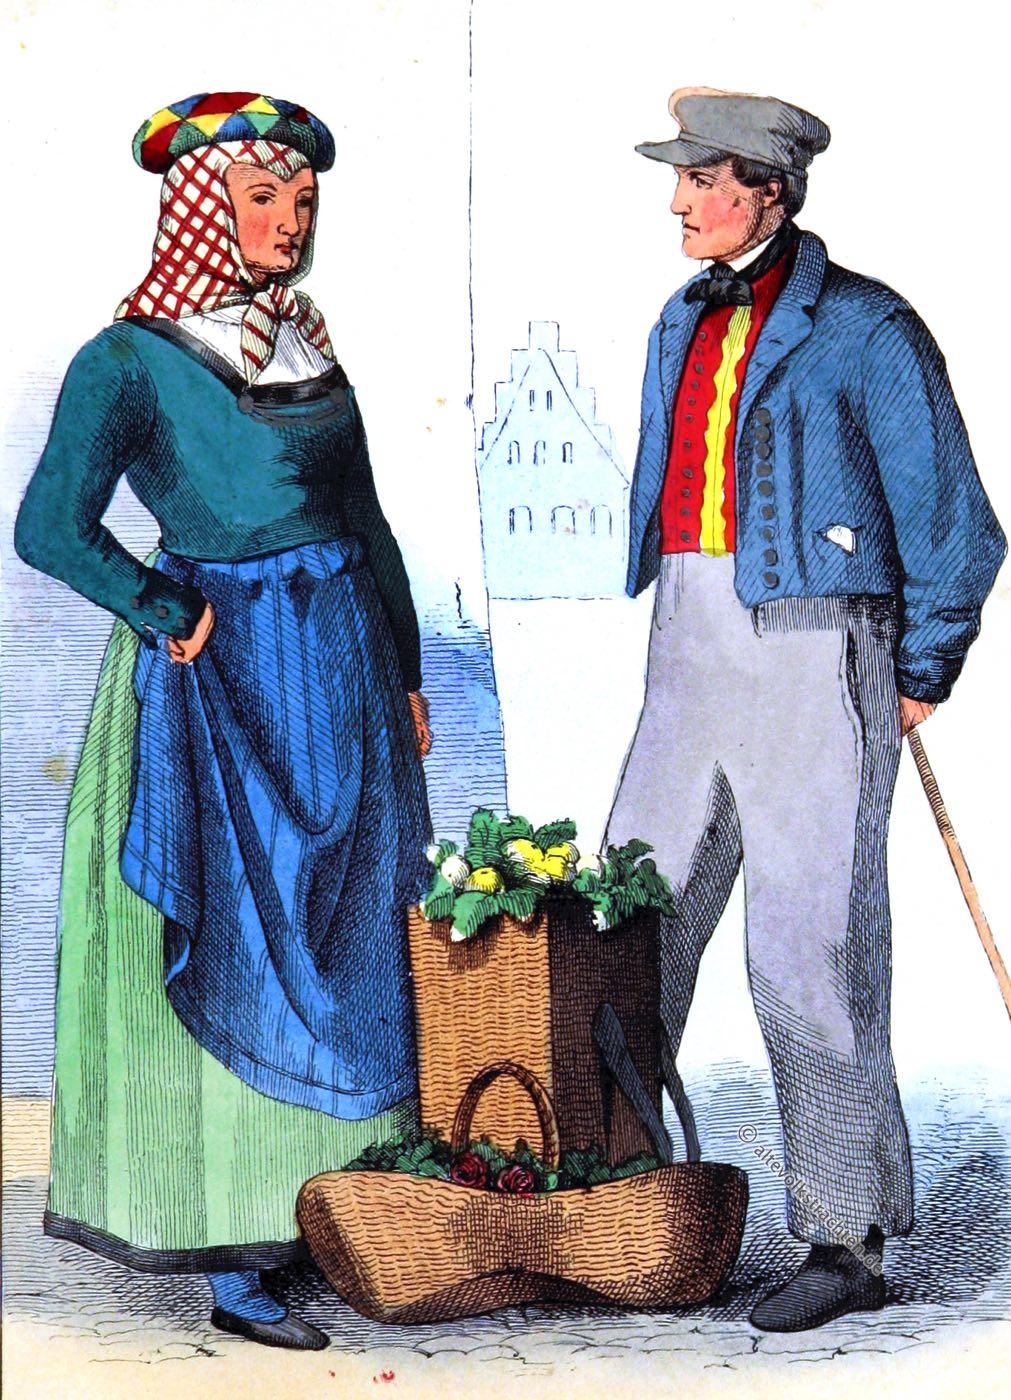 Bauerntrachten, Trachten, Lüneburg, Niedersachsen, Kostüme, Kleidung, Eduard Duller